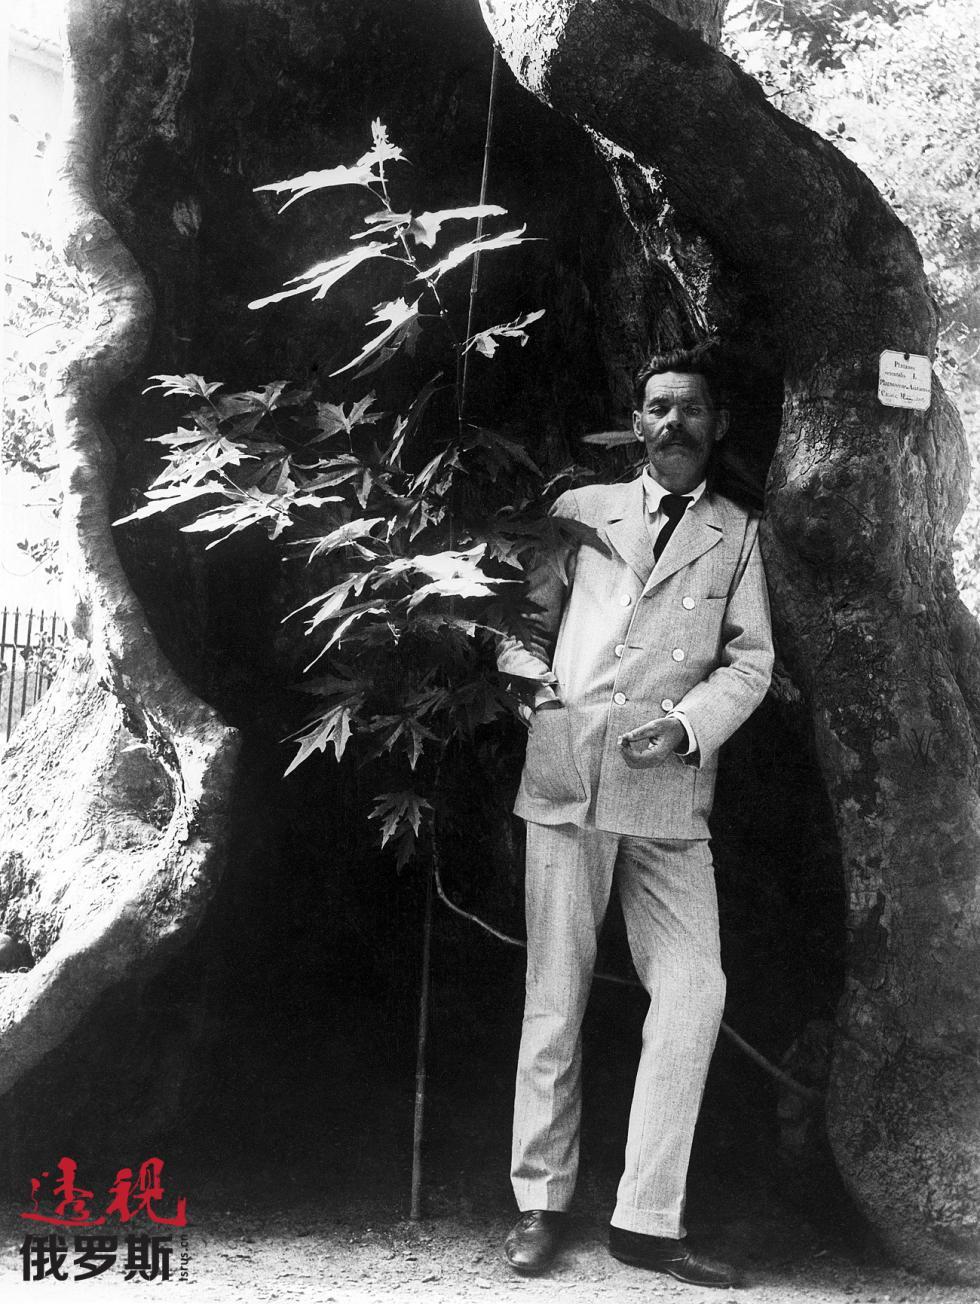 1912年。马克西姆·高尔基在意大利。图片来源:塔斯社